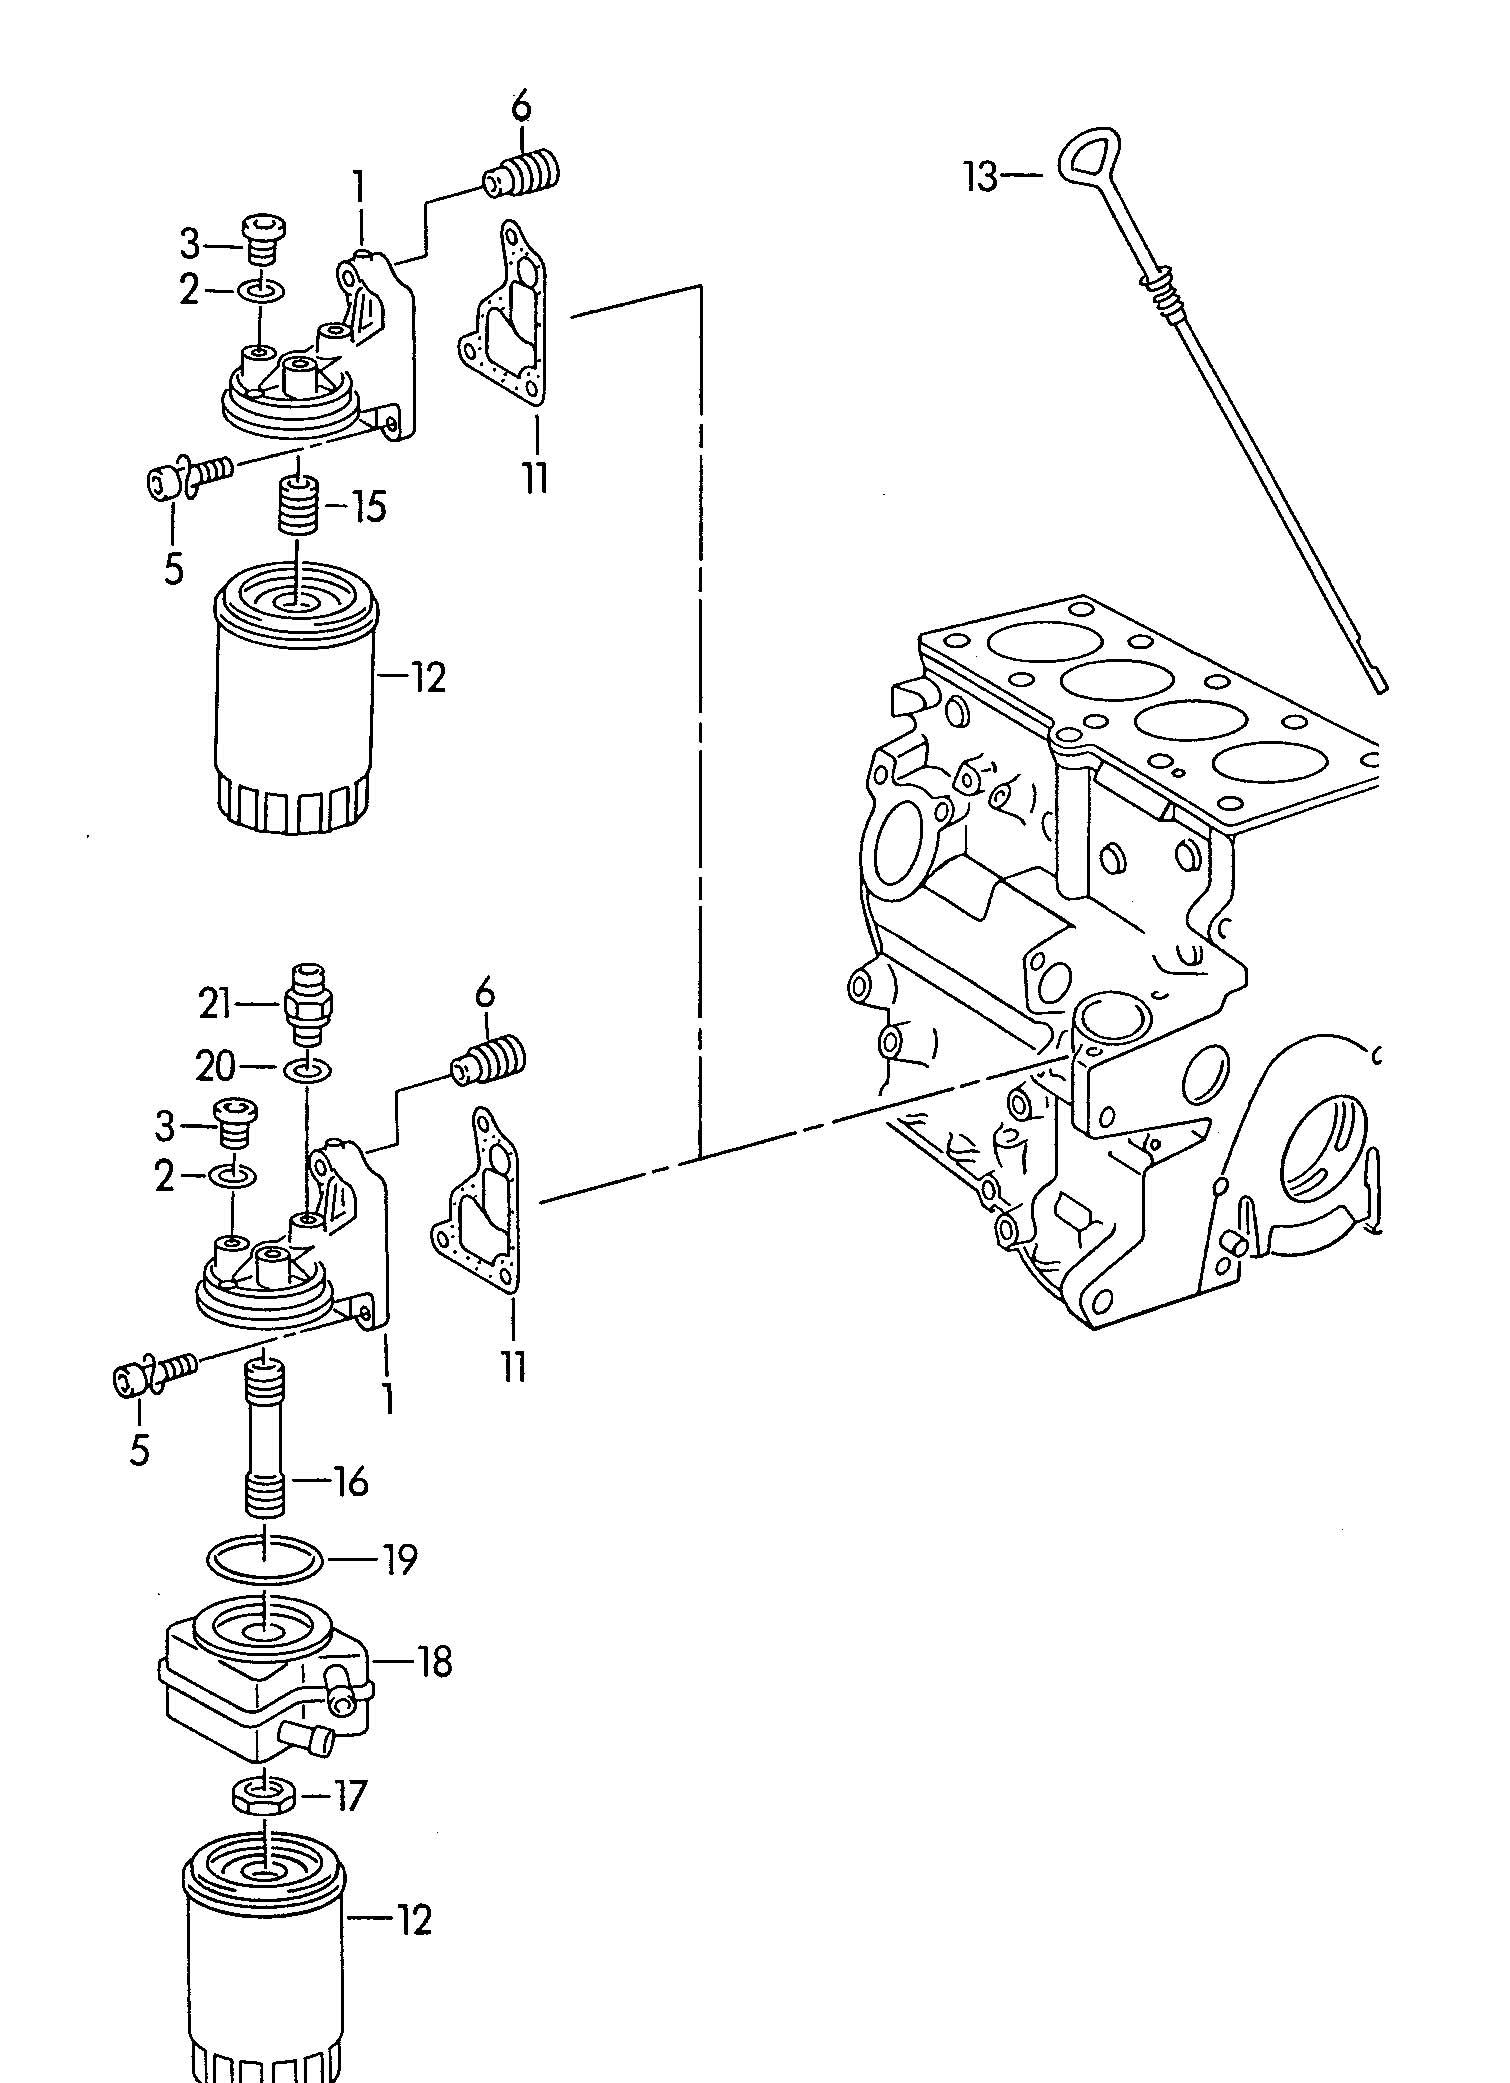 Oil Filter Oil Filter Adapter 1 8 2 0ltr 1 9 2 0ltr 2 0ltr